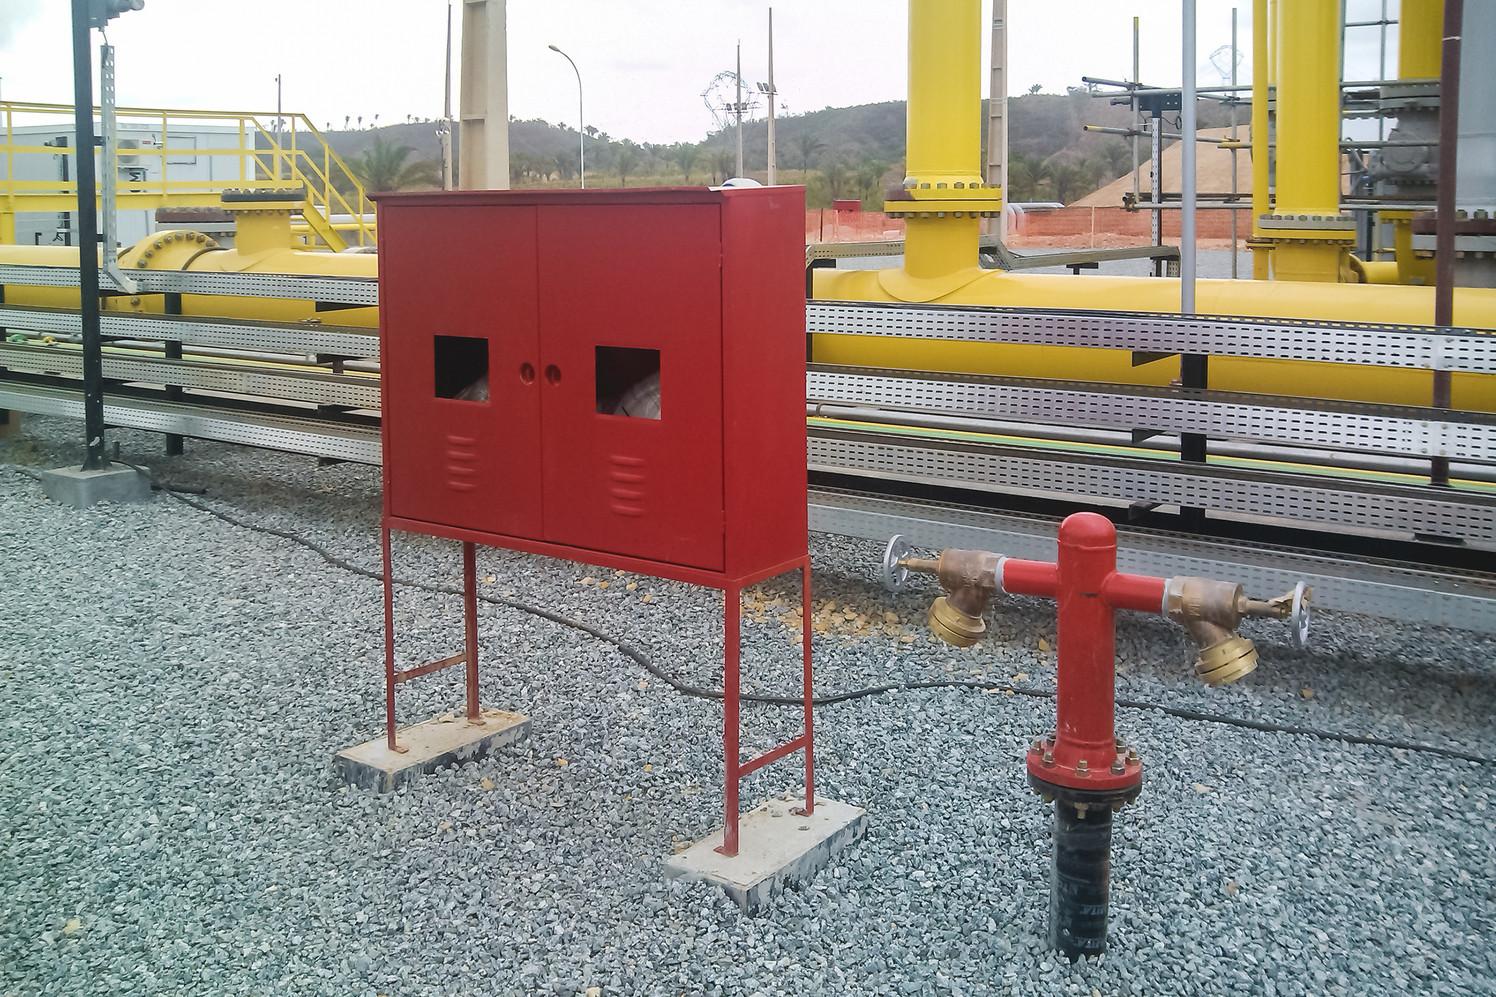 Instalações de incêndio - hidrantes